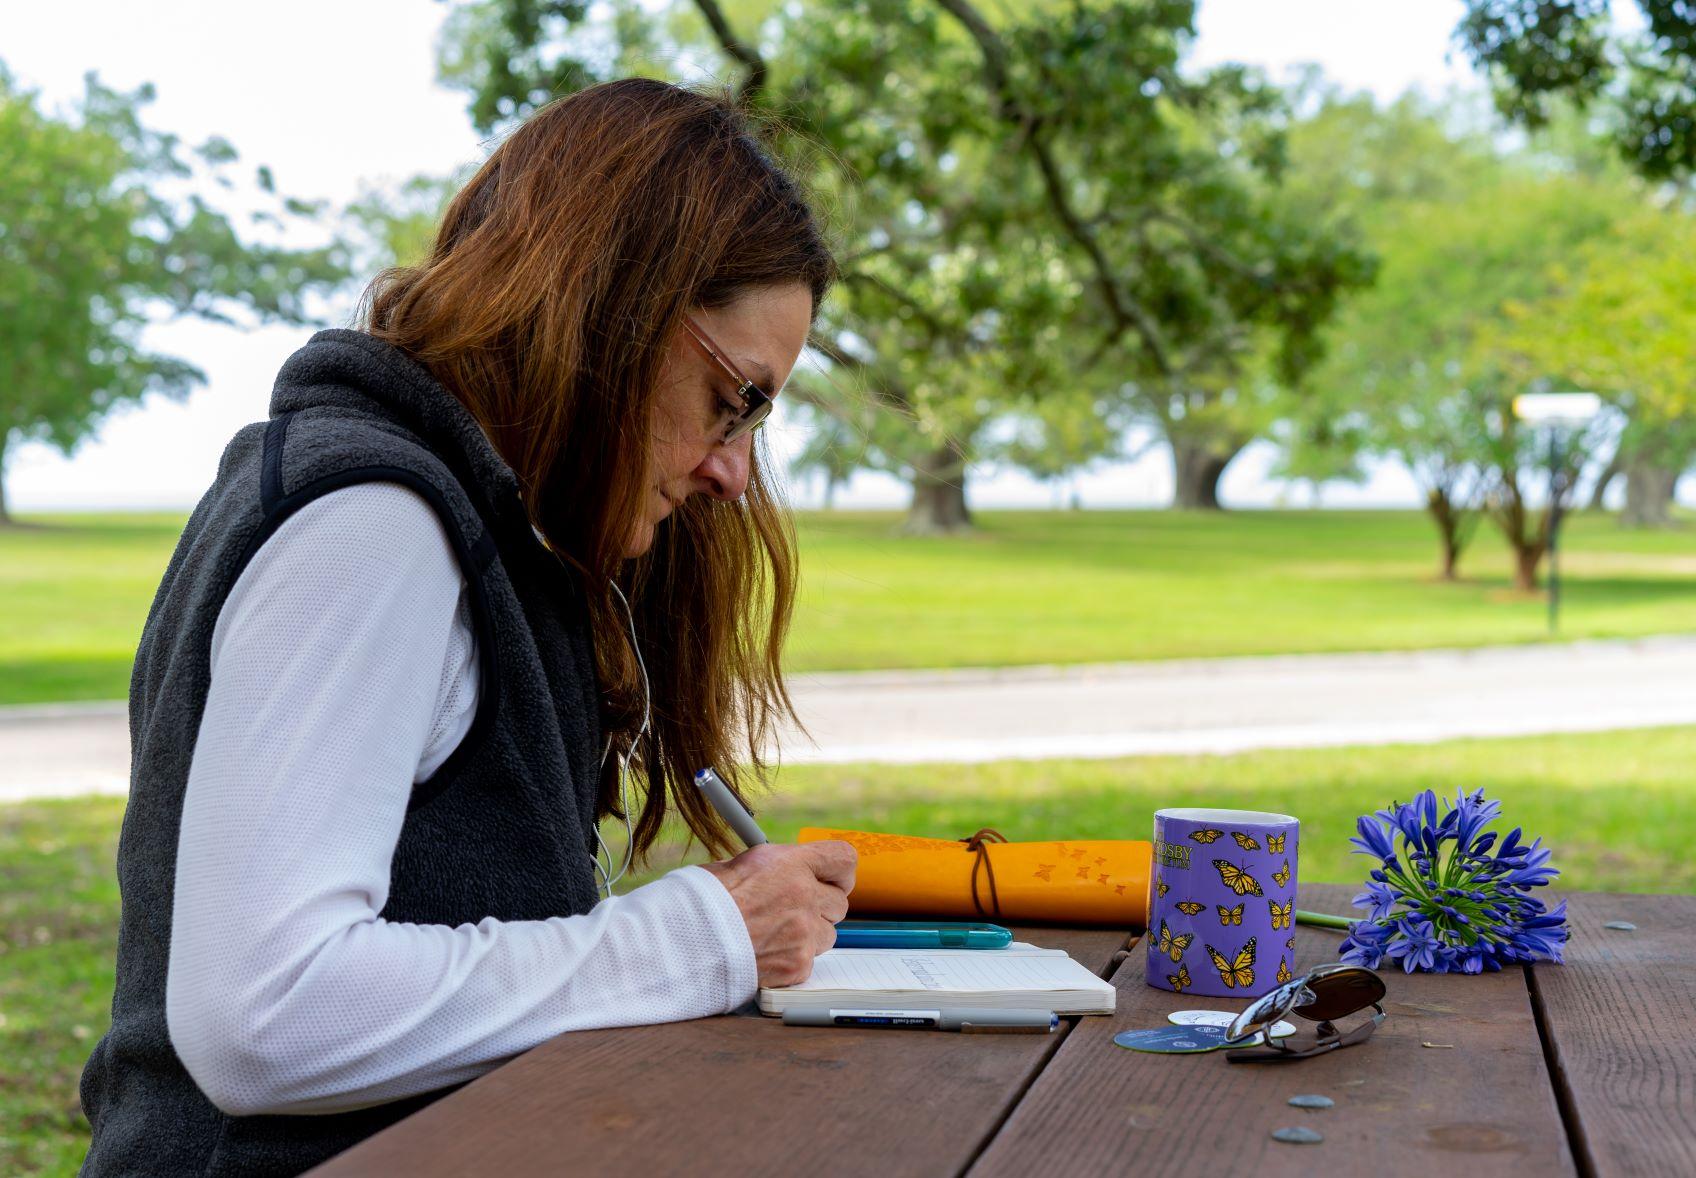 Carole reflecting through journaling.